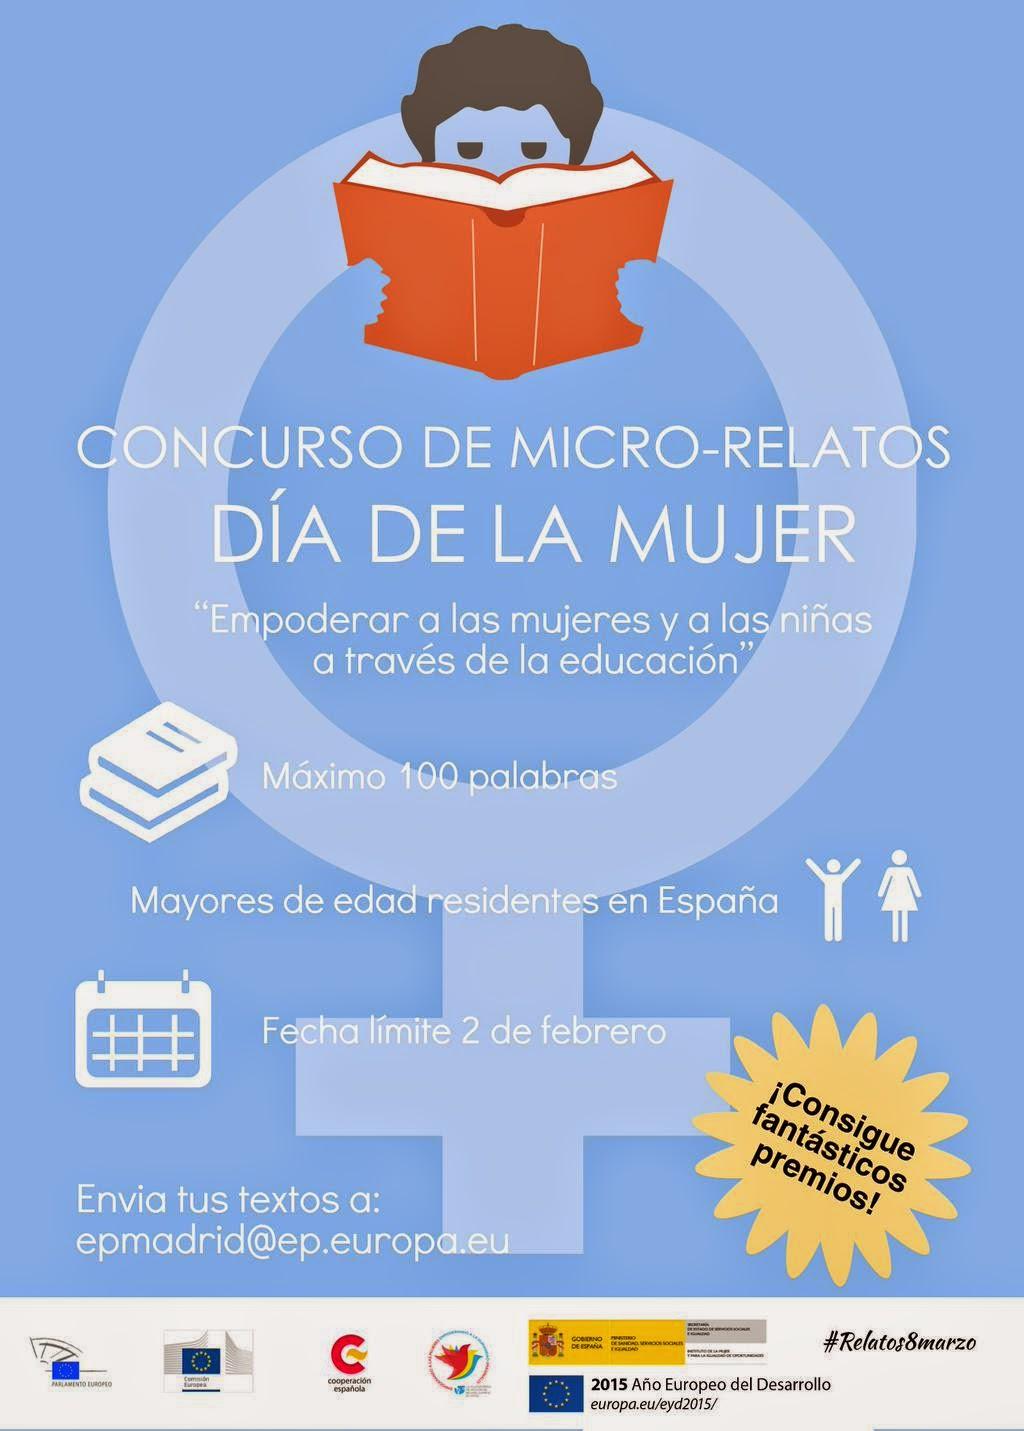 http://www.europarl.es/es/sala_de_prensa/communicados_de_prensa/pr-2015/pr-2015-february/relatos.html